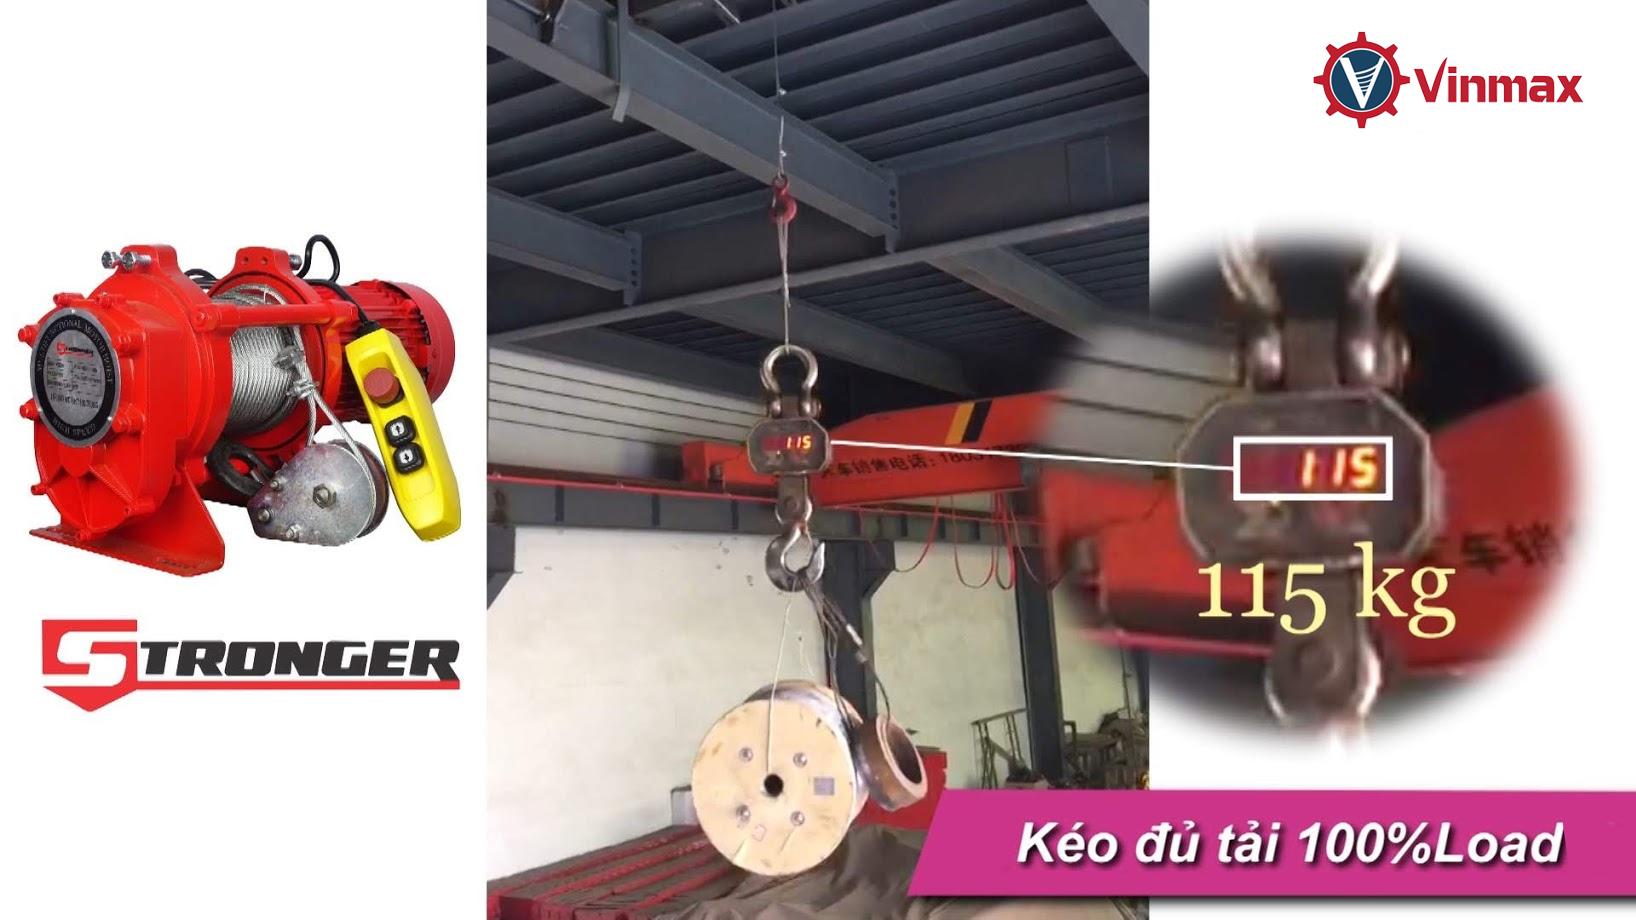 kha-nang-tai-trong-toi-nhanh-stronger-kcd200